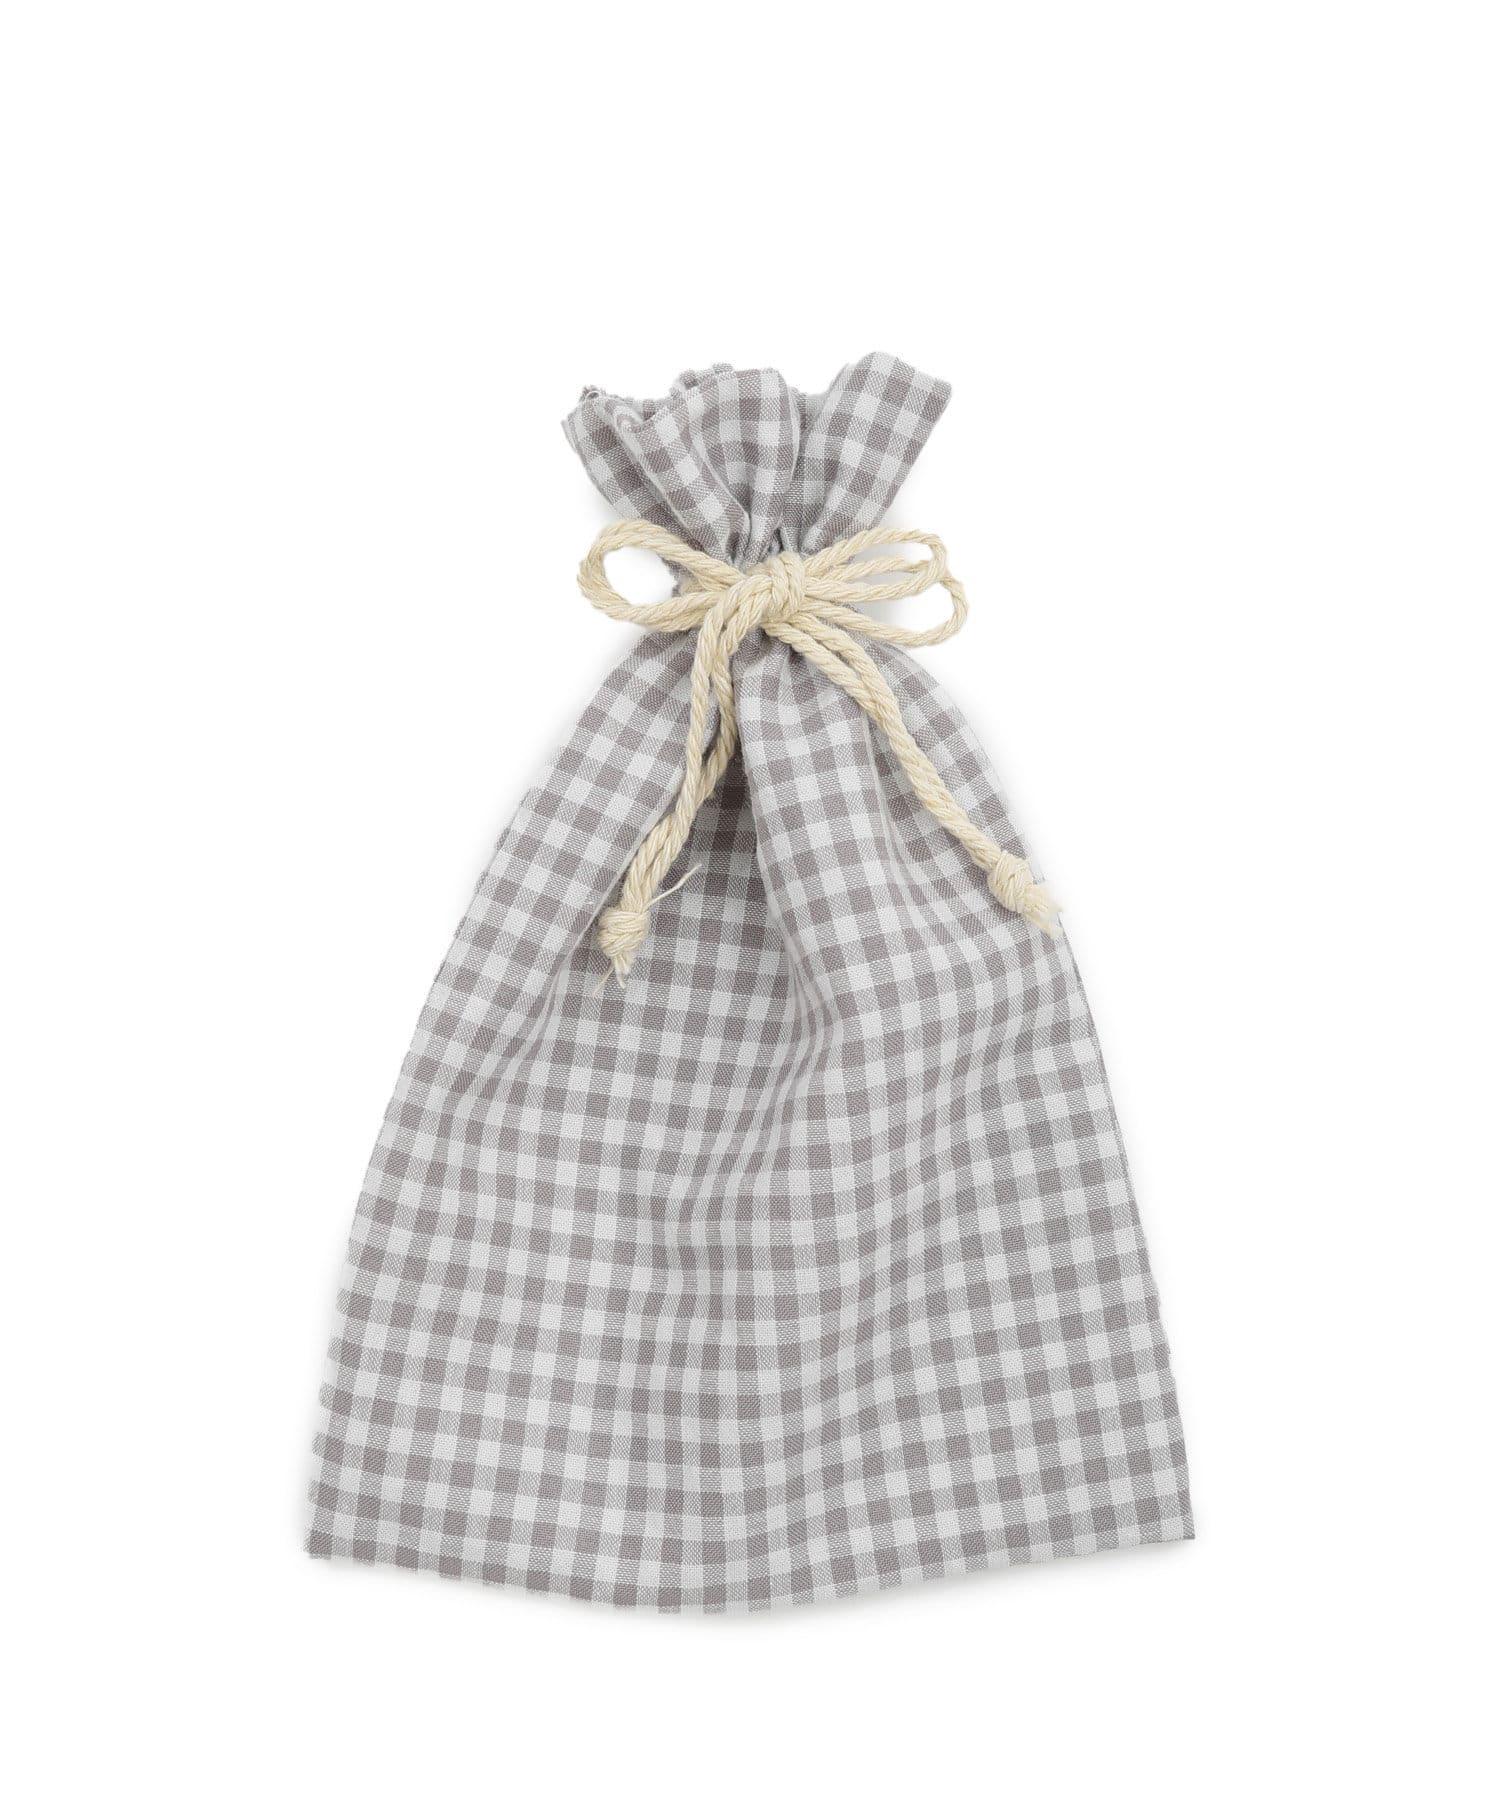 PAL CLOSET ONLINE STOREで買える「Lattice(ラティス Lattice(ラティス 【WEB限定】ギンガムチェック巾着ポーチM グレー」の画像です。価格は220円になります。